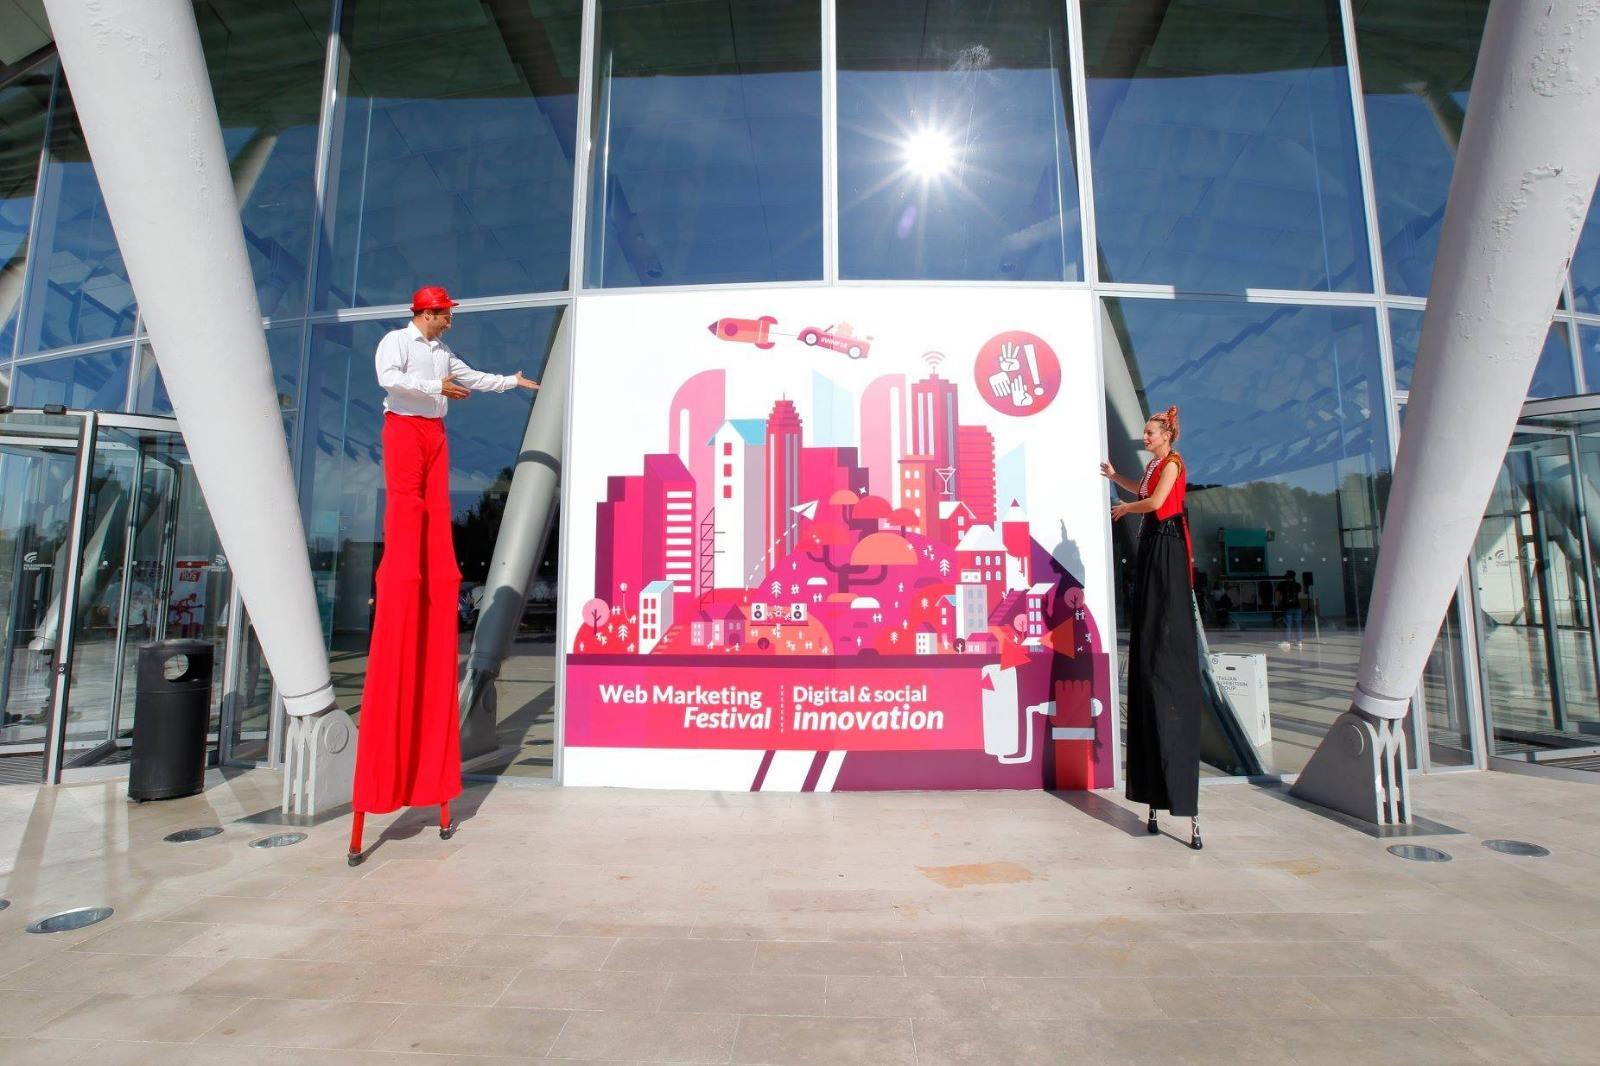 Palacongressi Esterna - Web Marketing Festival 2019: ecco l'anteprima del programma del più grande evento sull'innovazione digitale e sociale